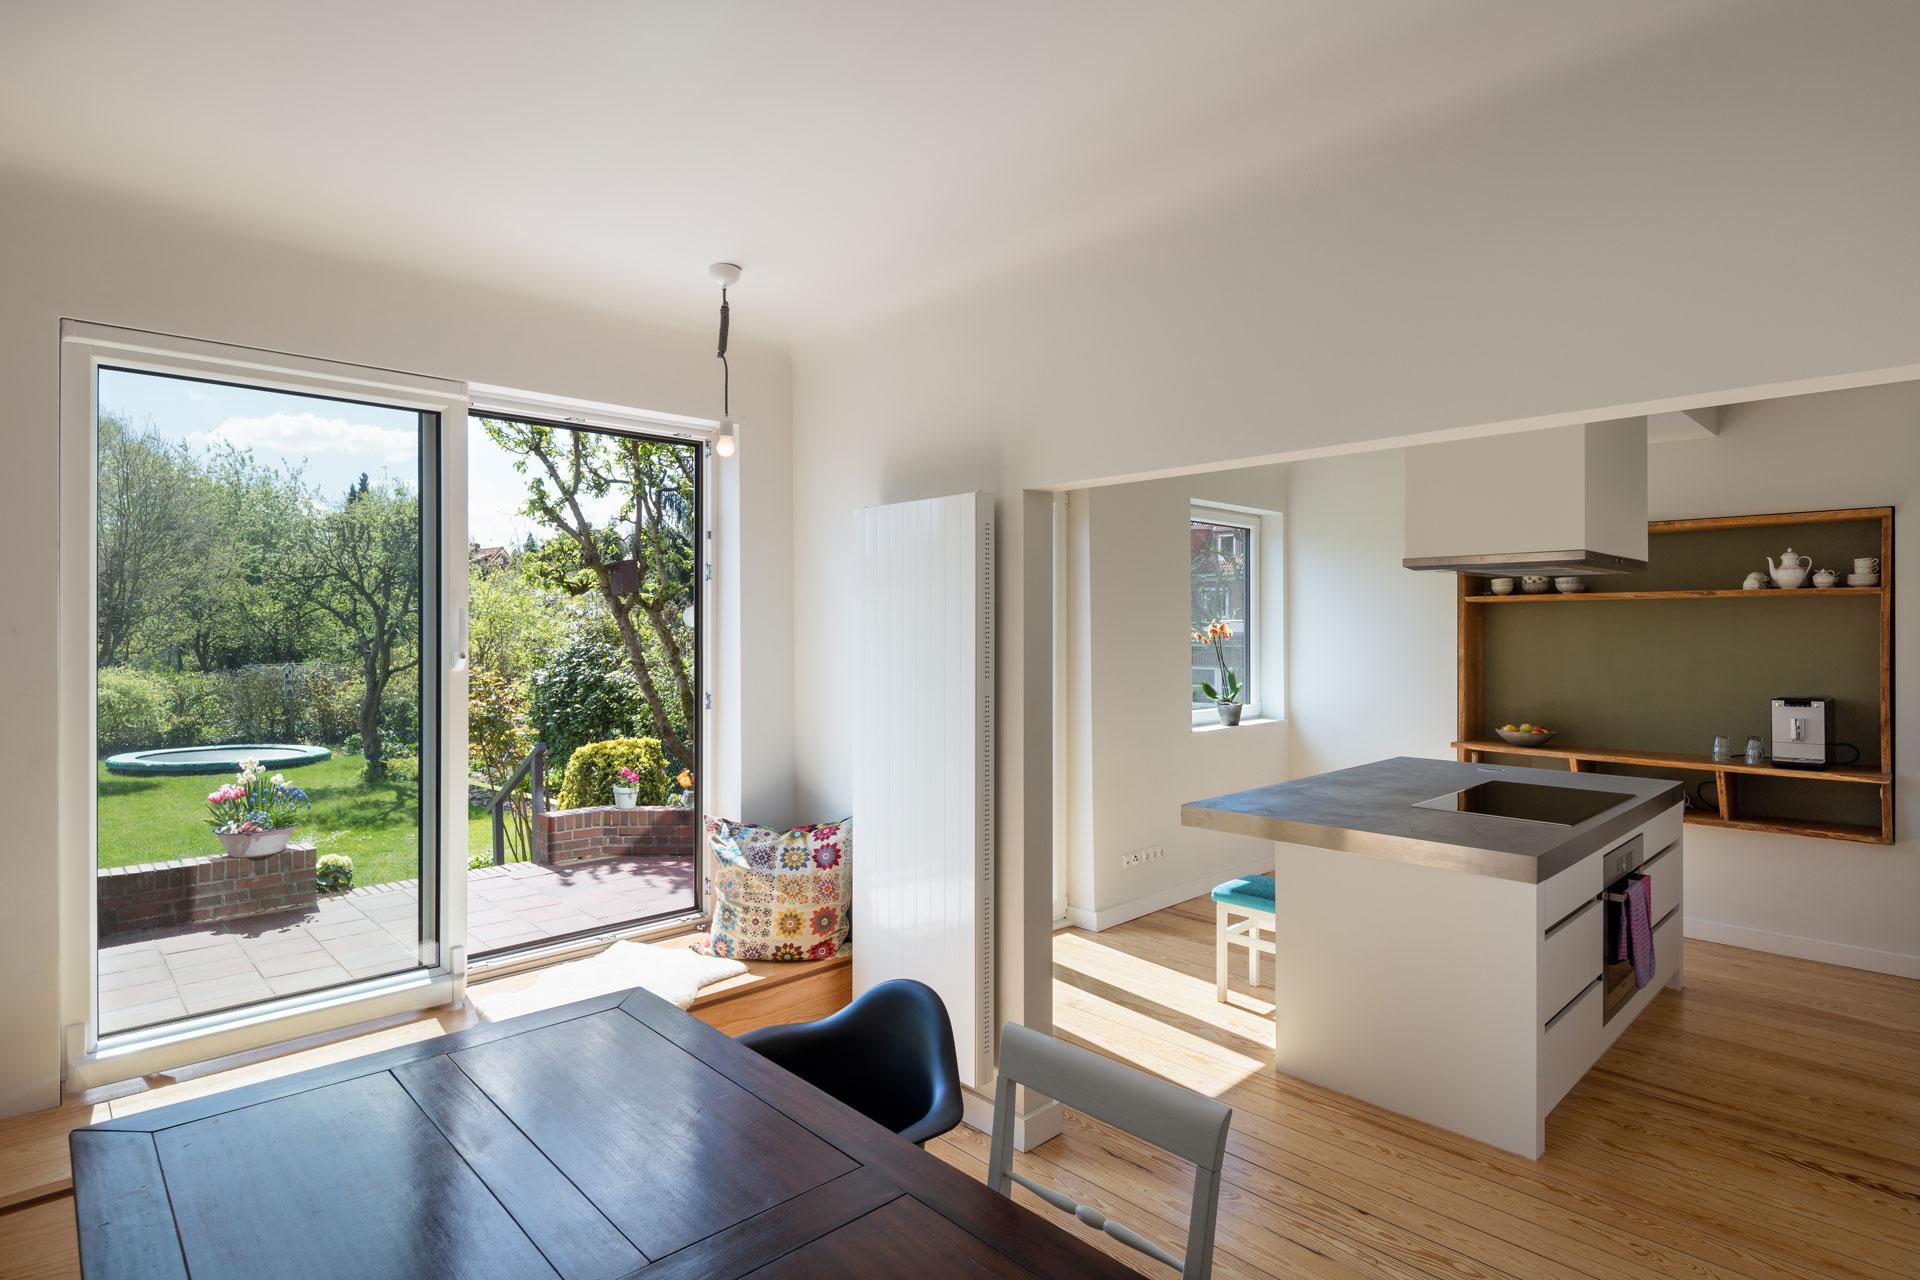 haus m hamburg esstisch sitzbank k chenblock zim. Black Bedroom Furniture Sets. Home Design Ideas